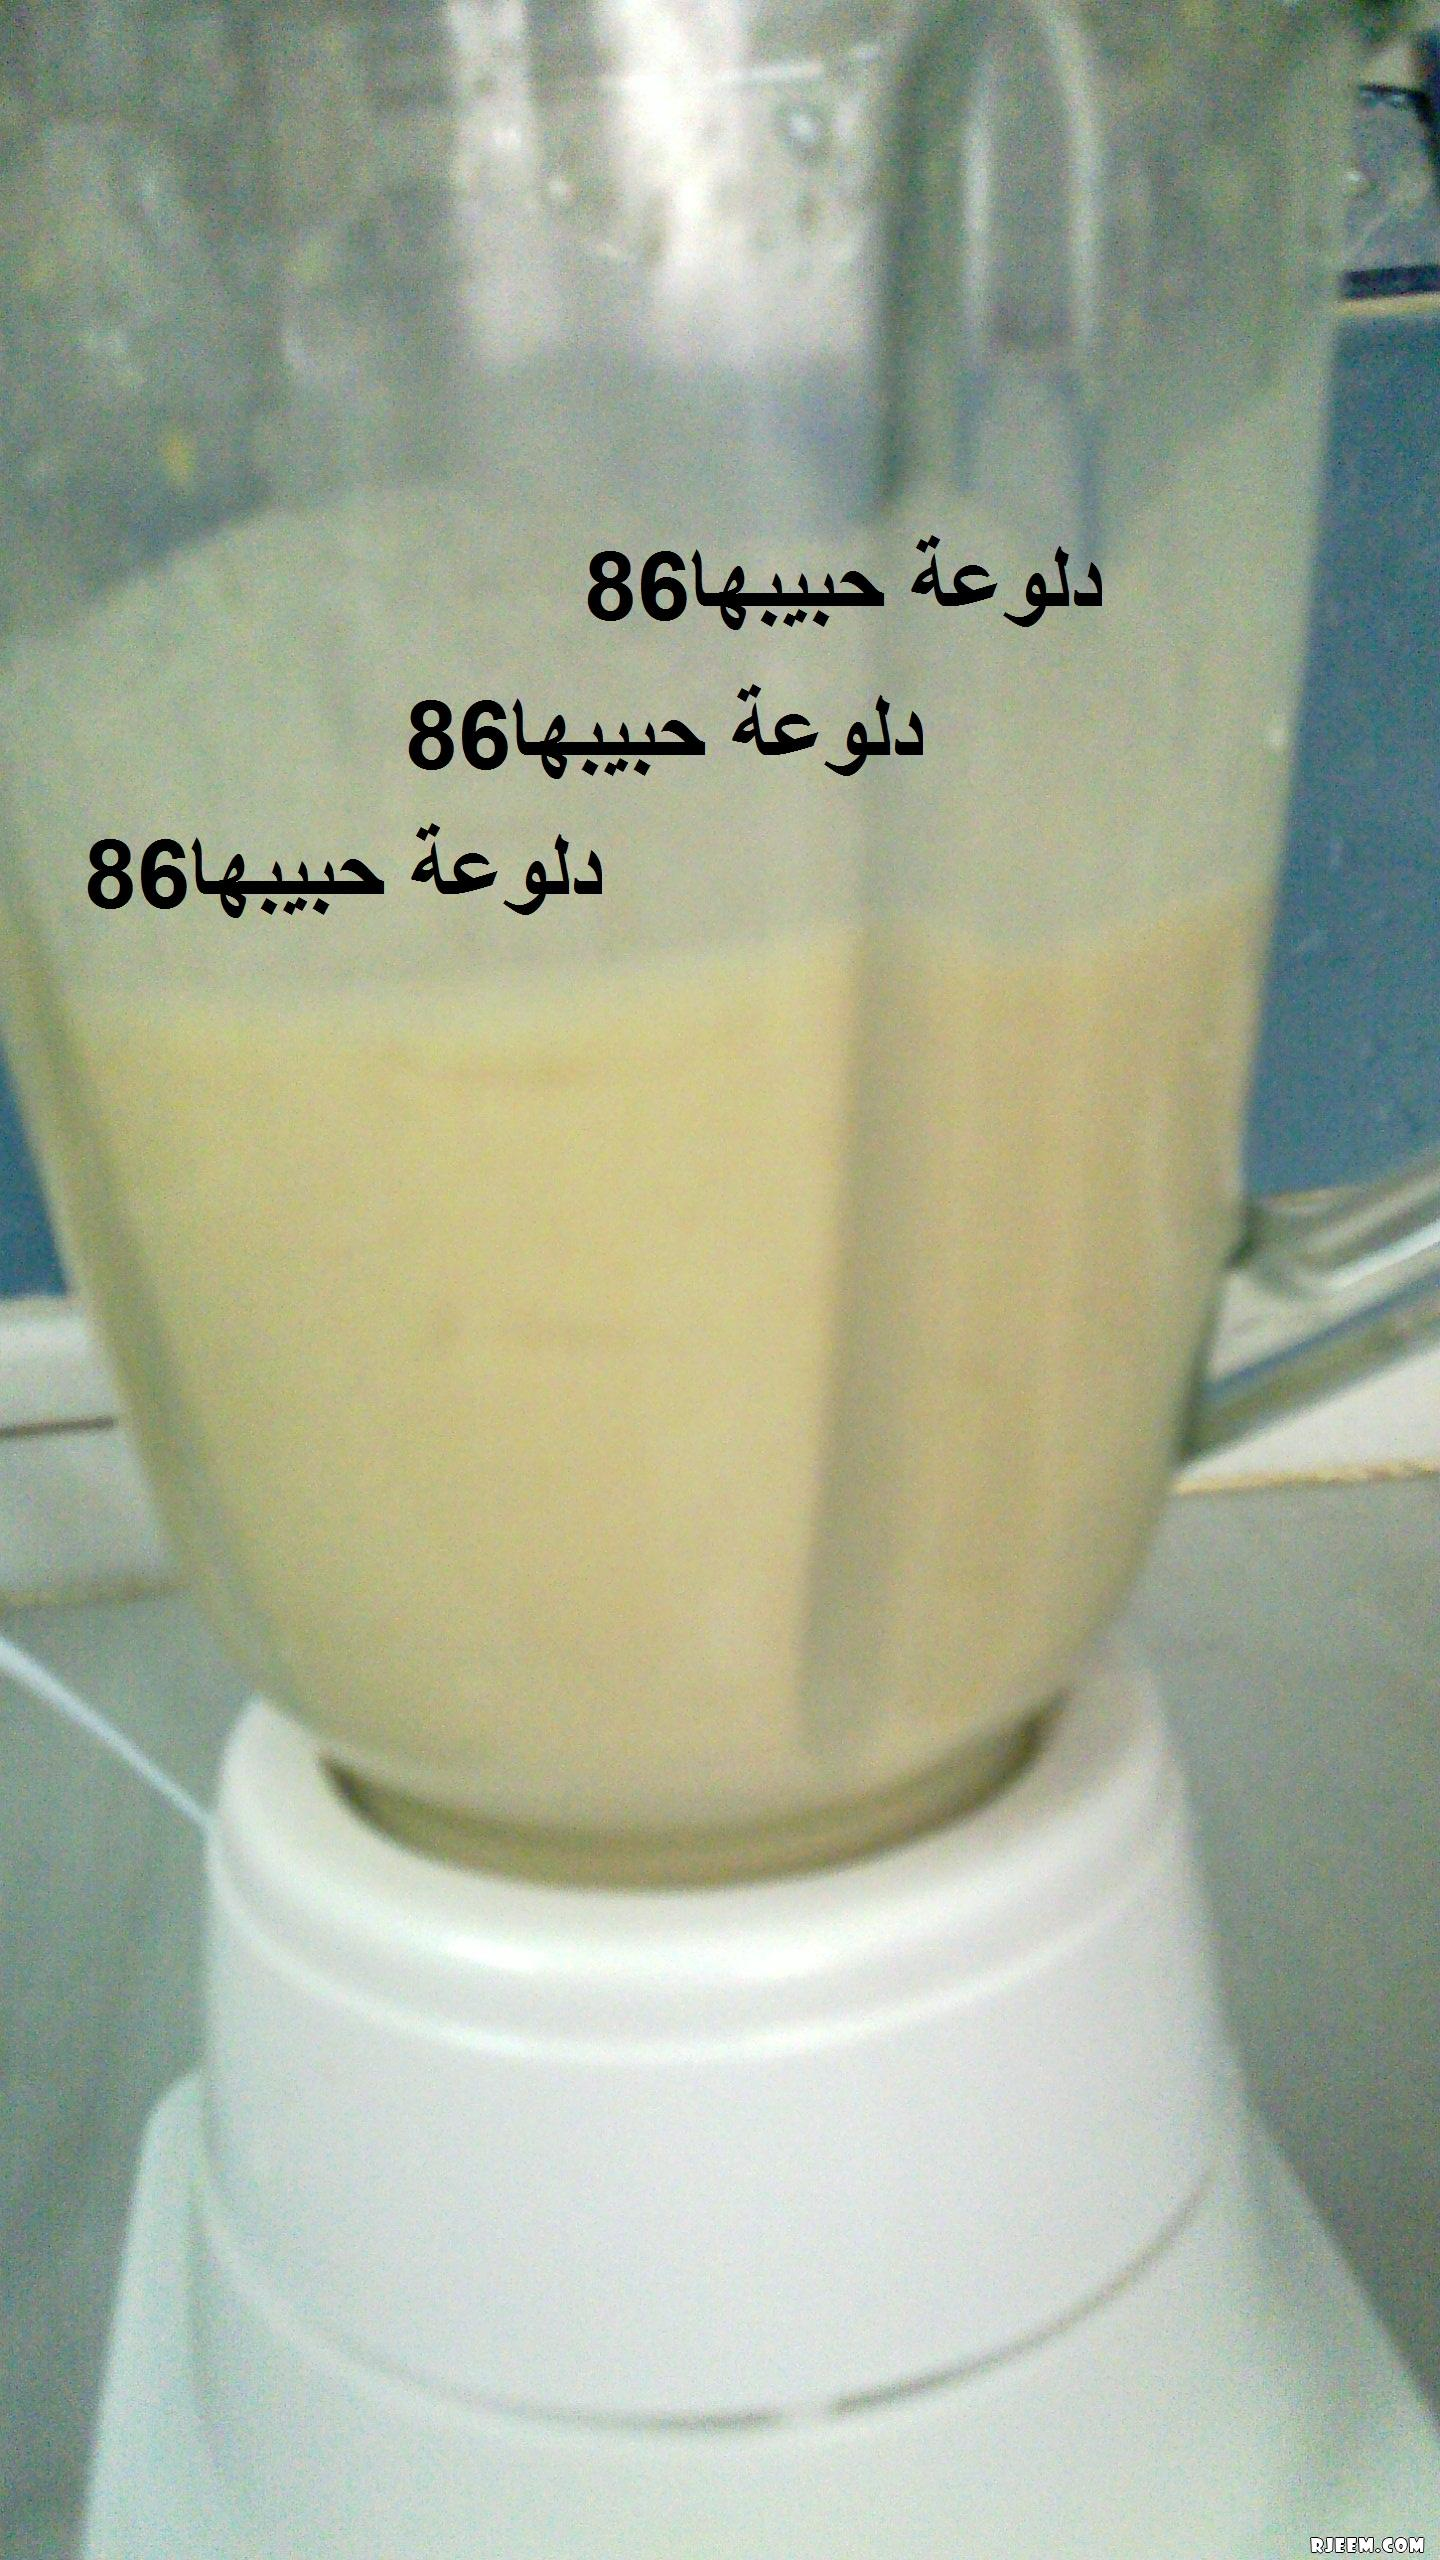 الحلويات الرائعة 13444672632.jpg